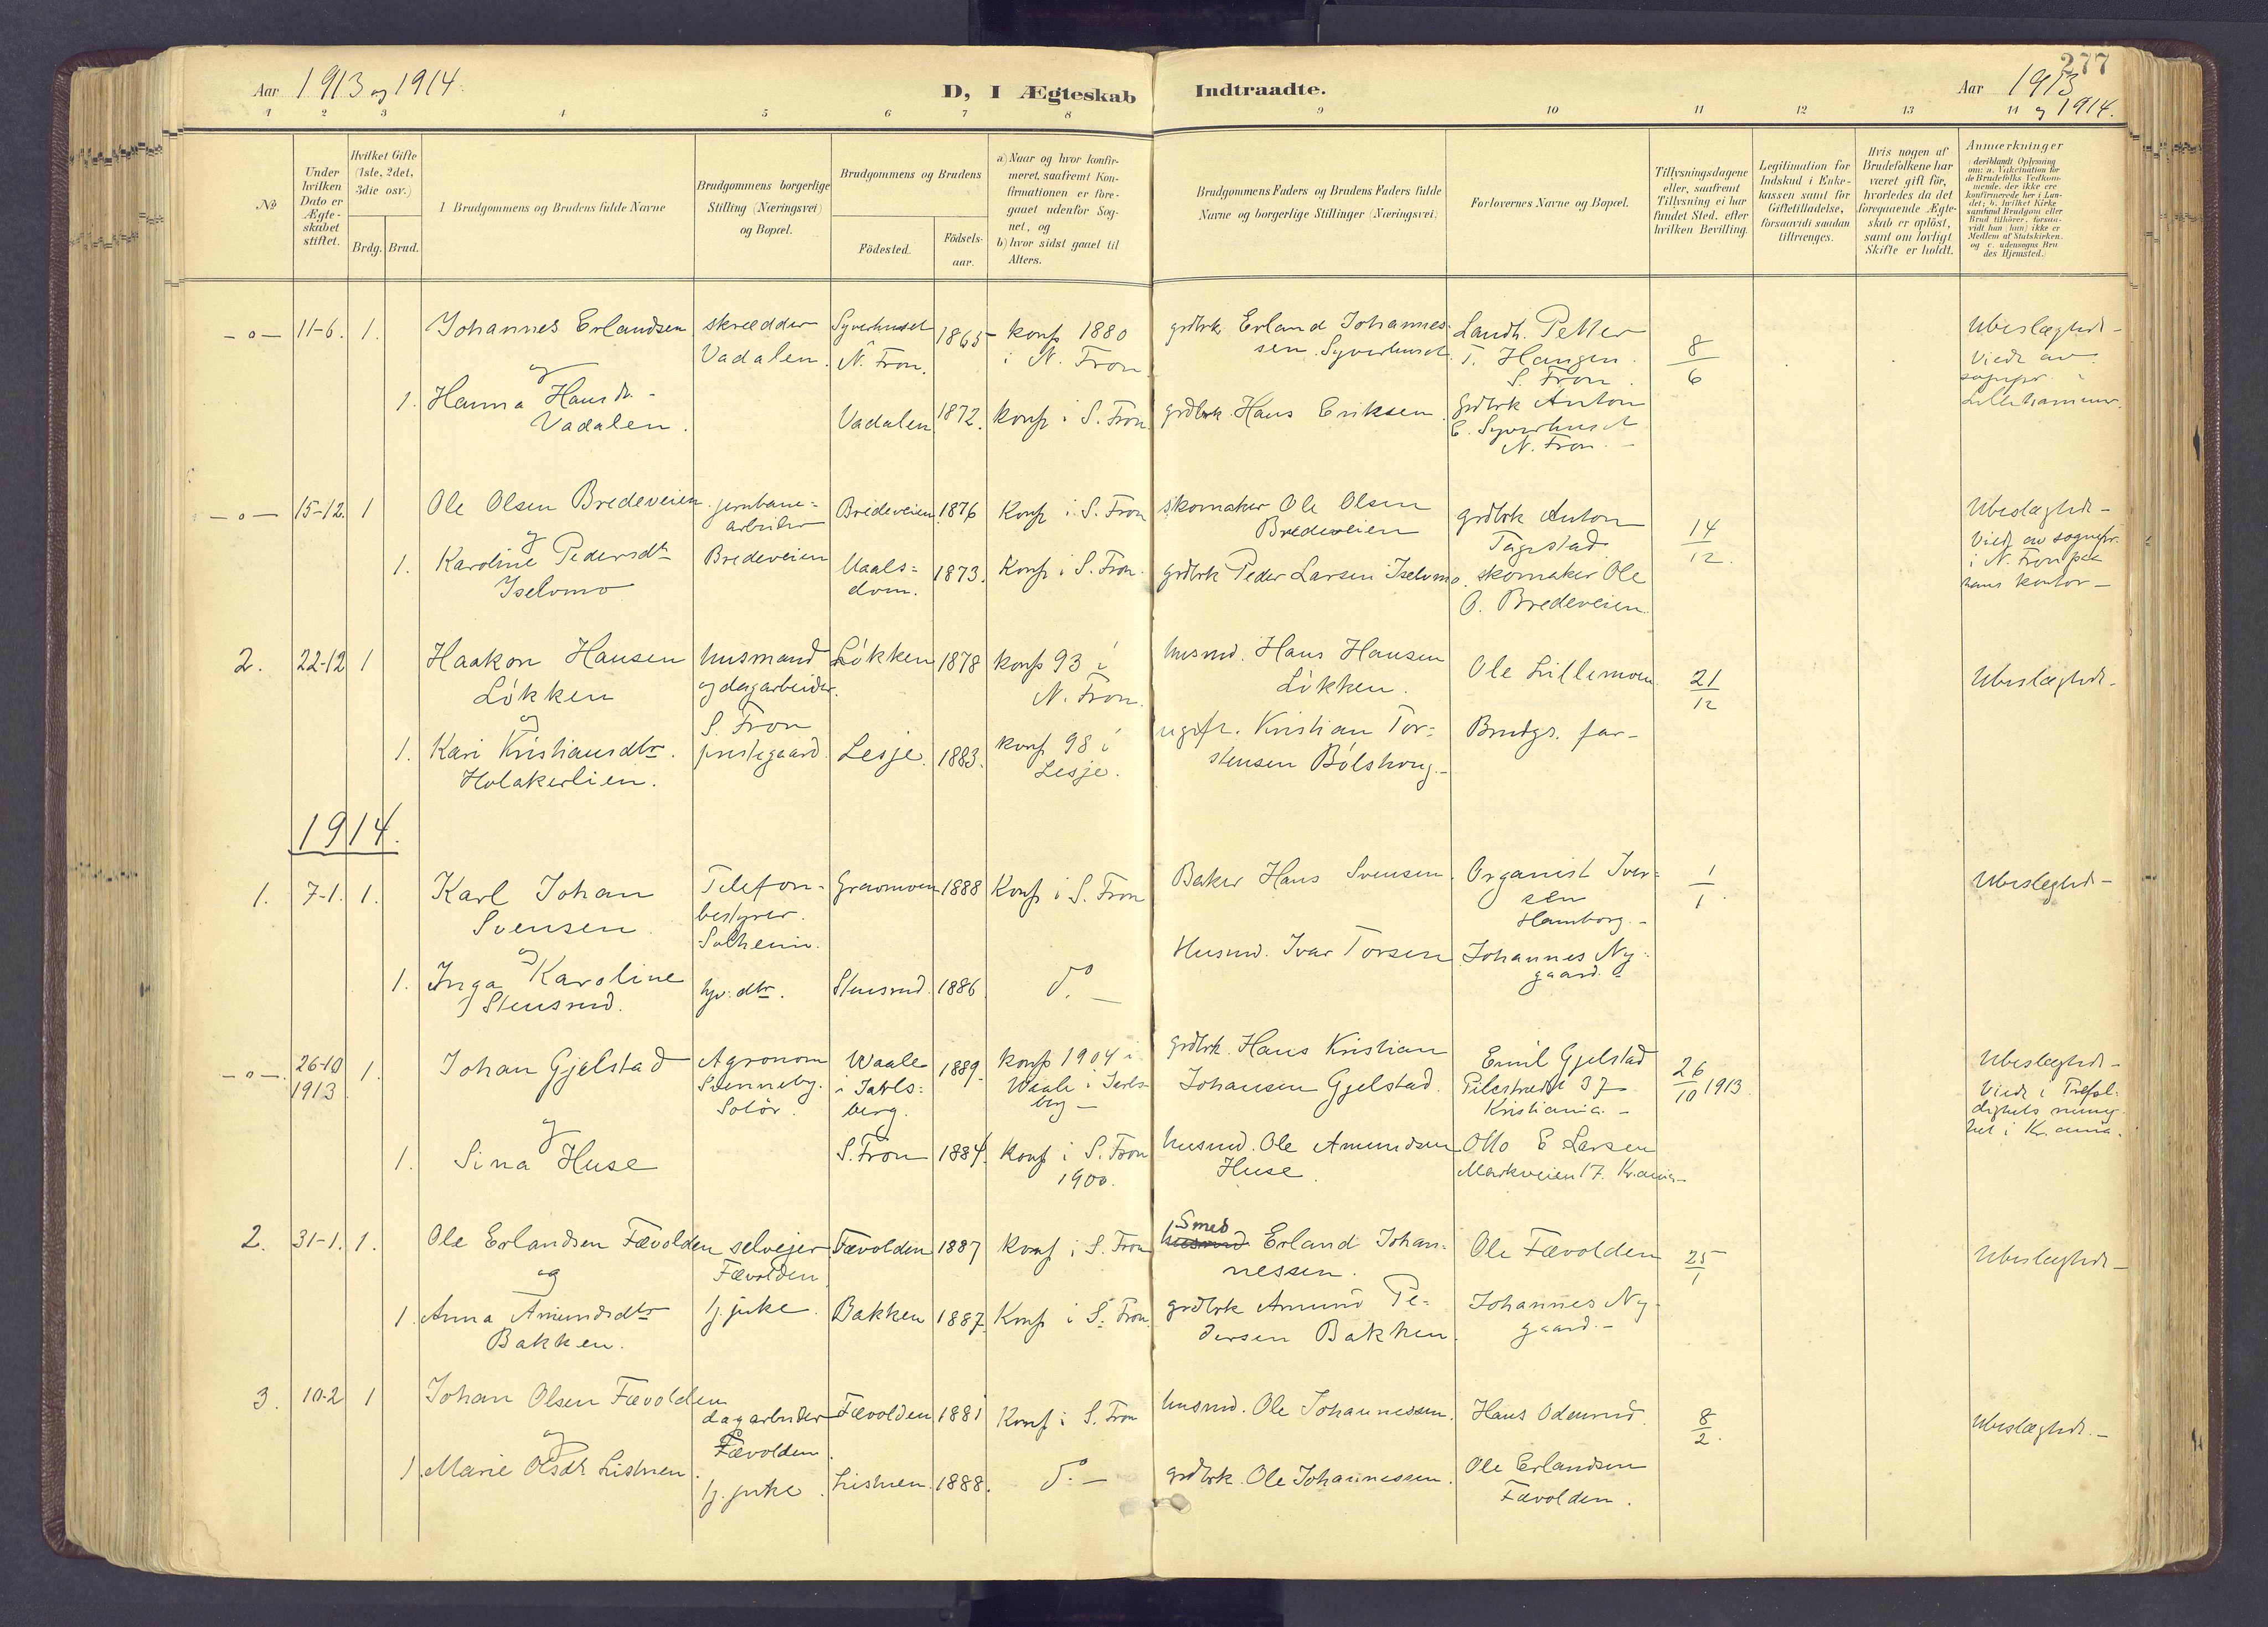 SAH, Sør-Fron prestekontor, H/Ha/Haa/L0004: Ministerialbok nr. 4, 1898-1919, s. 277